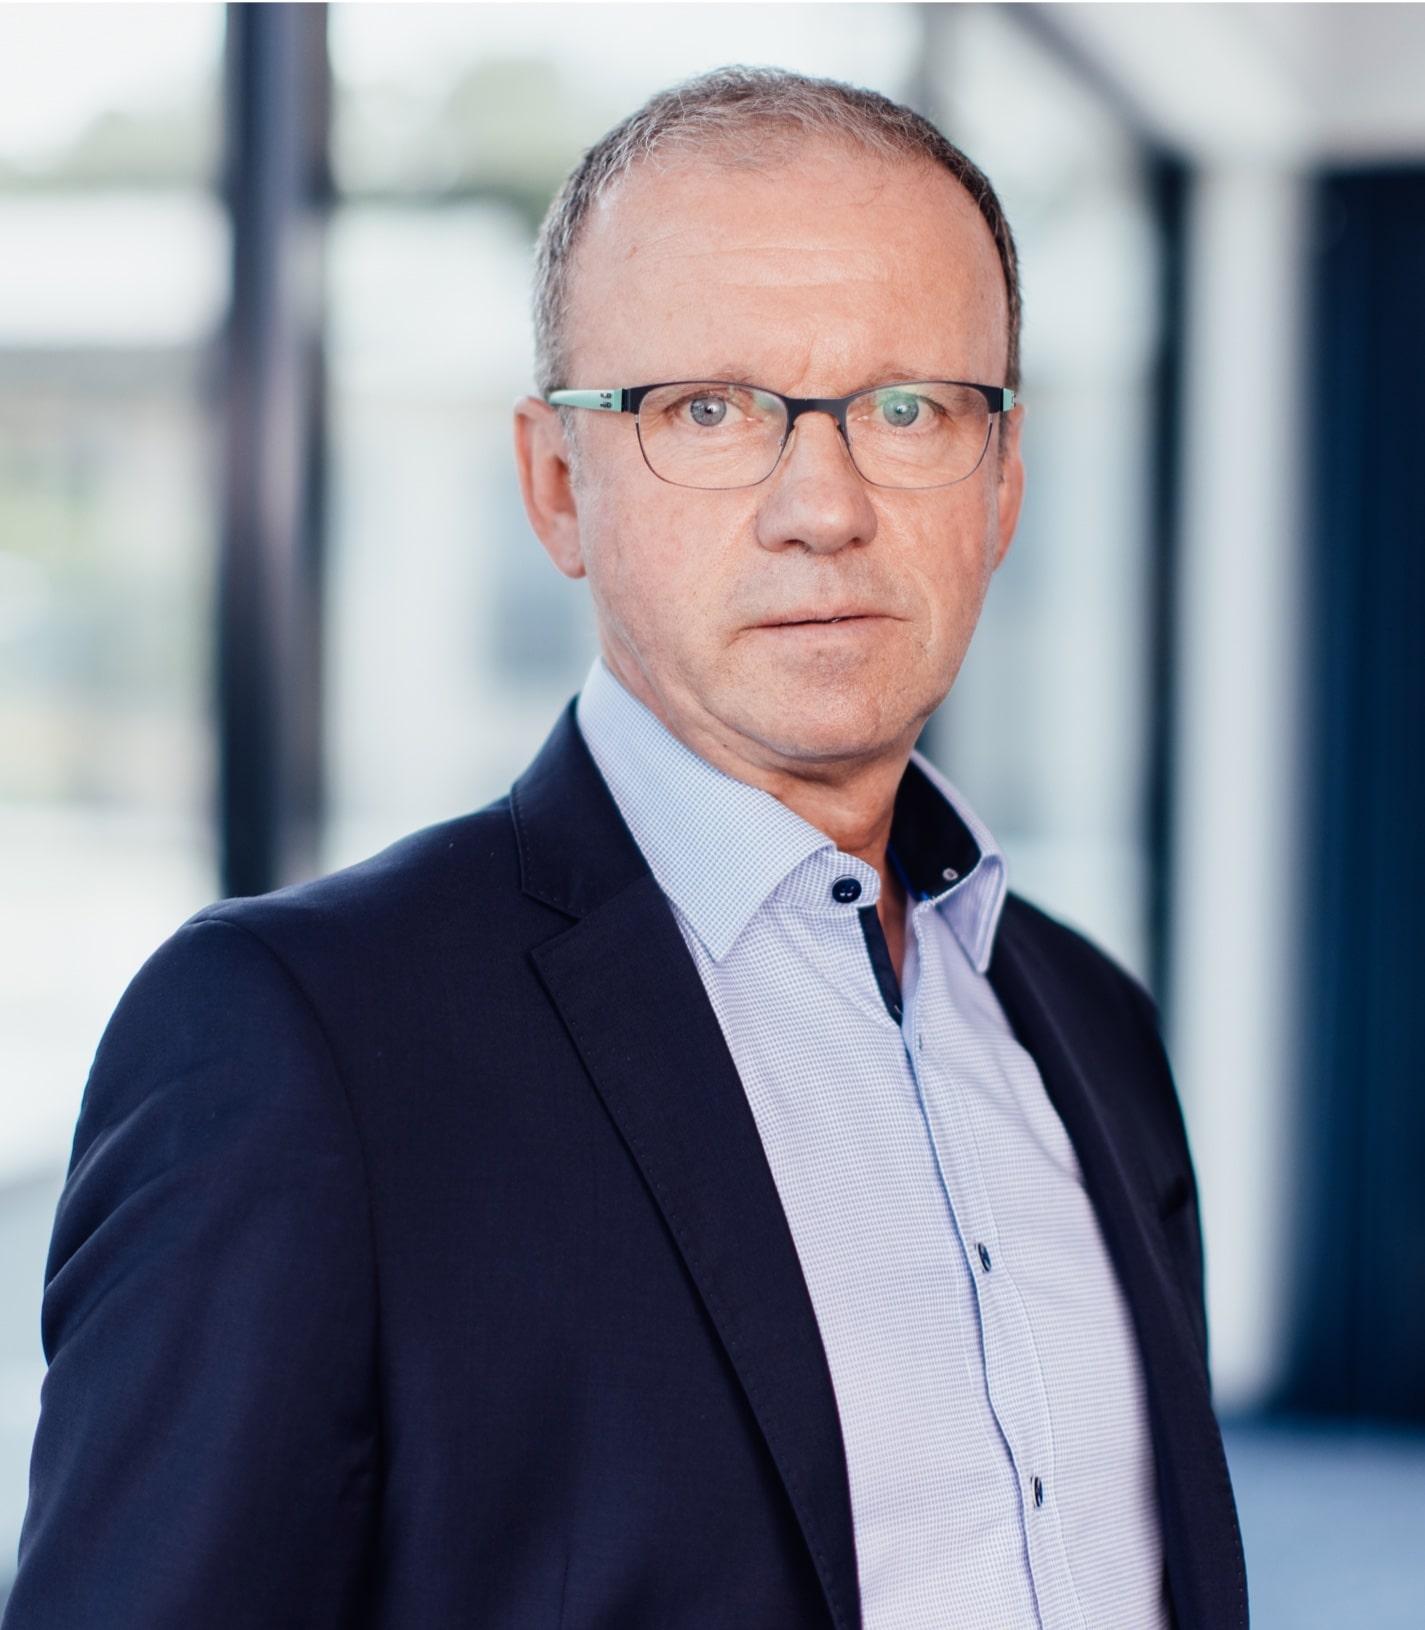 Joachim Sokoll